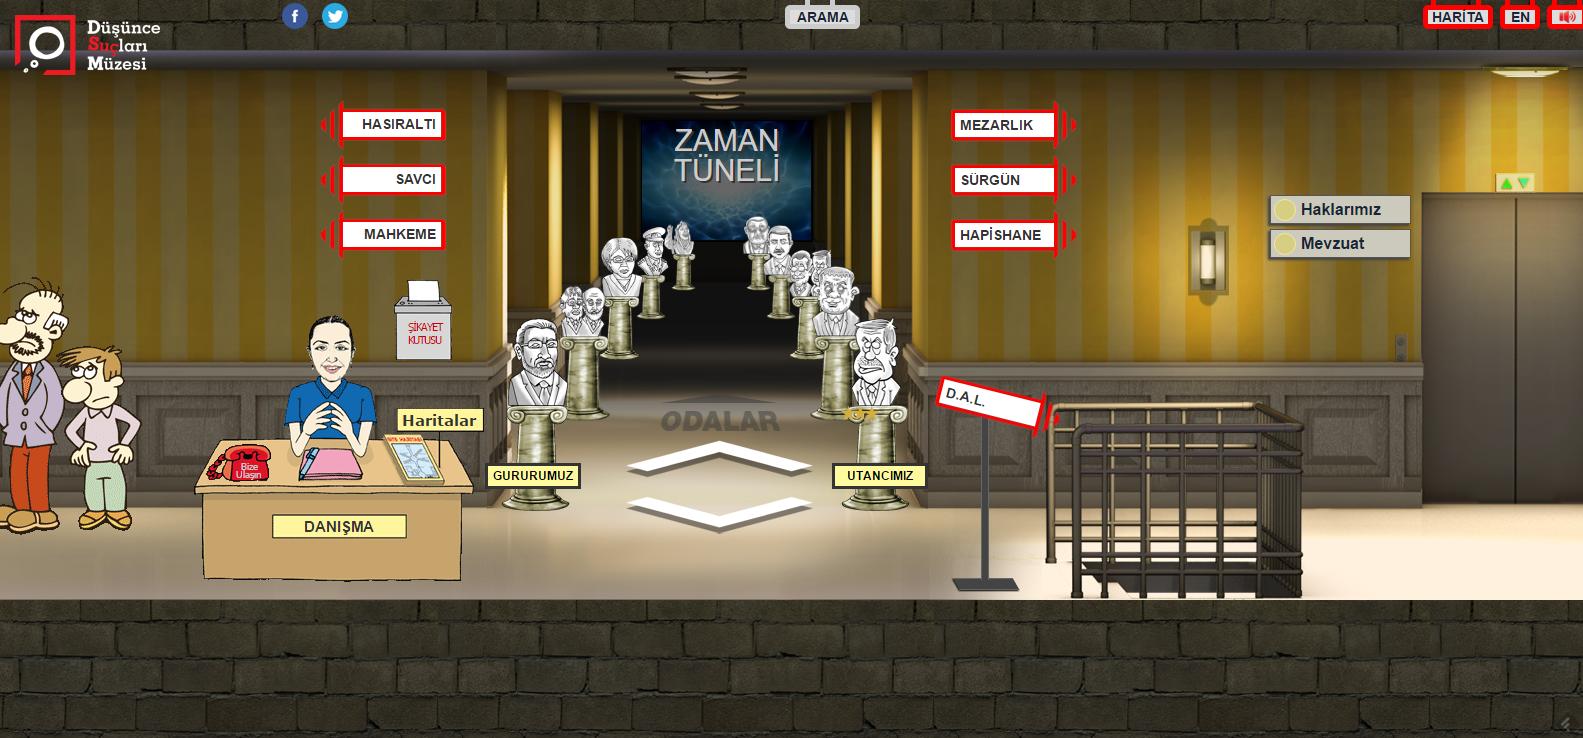 Düşünce Suçları Müzesi2